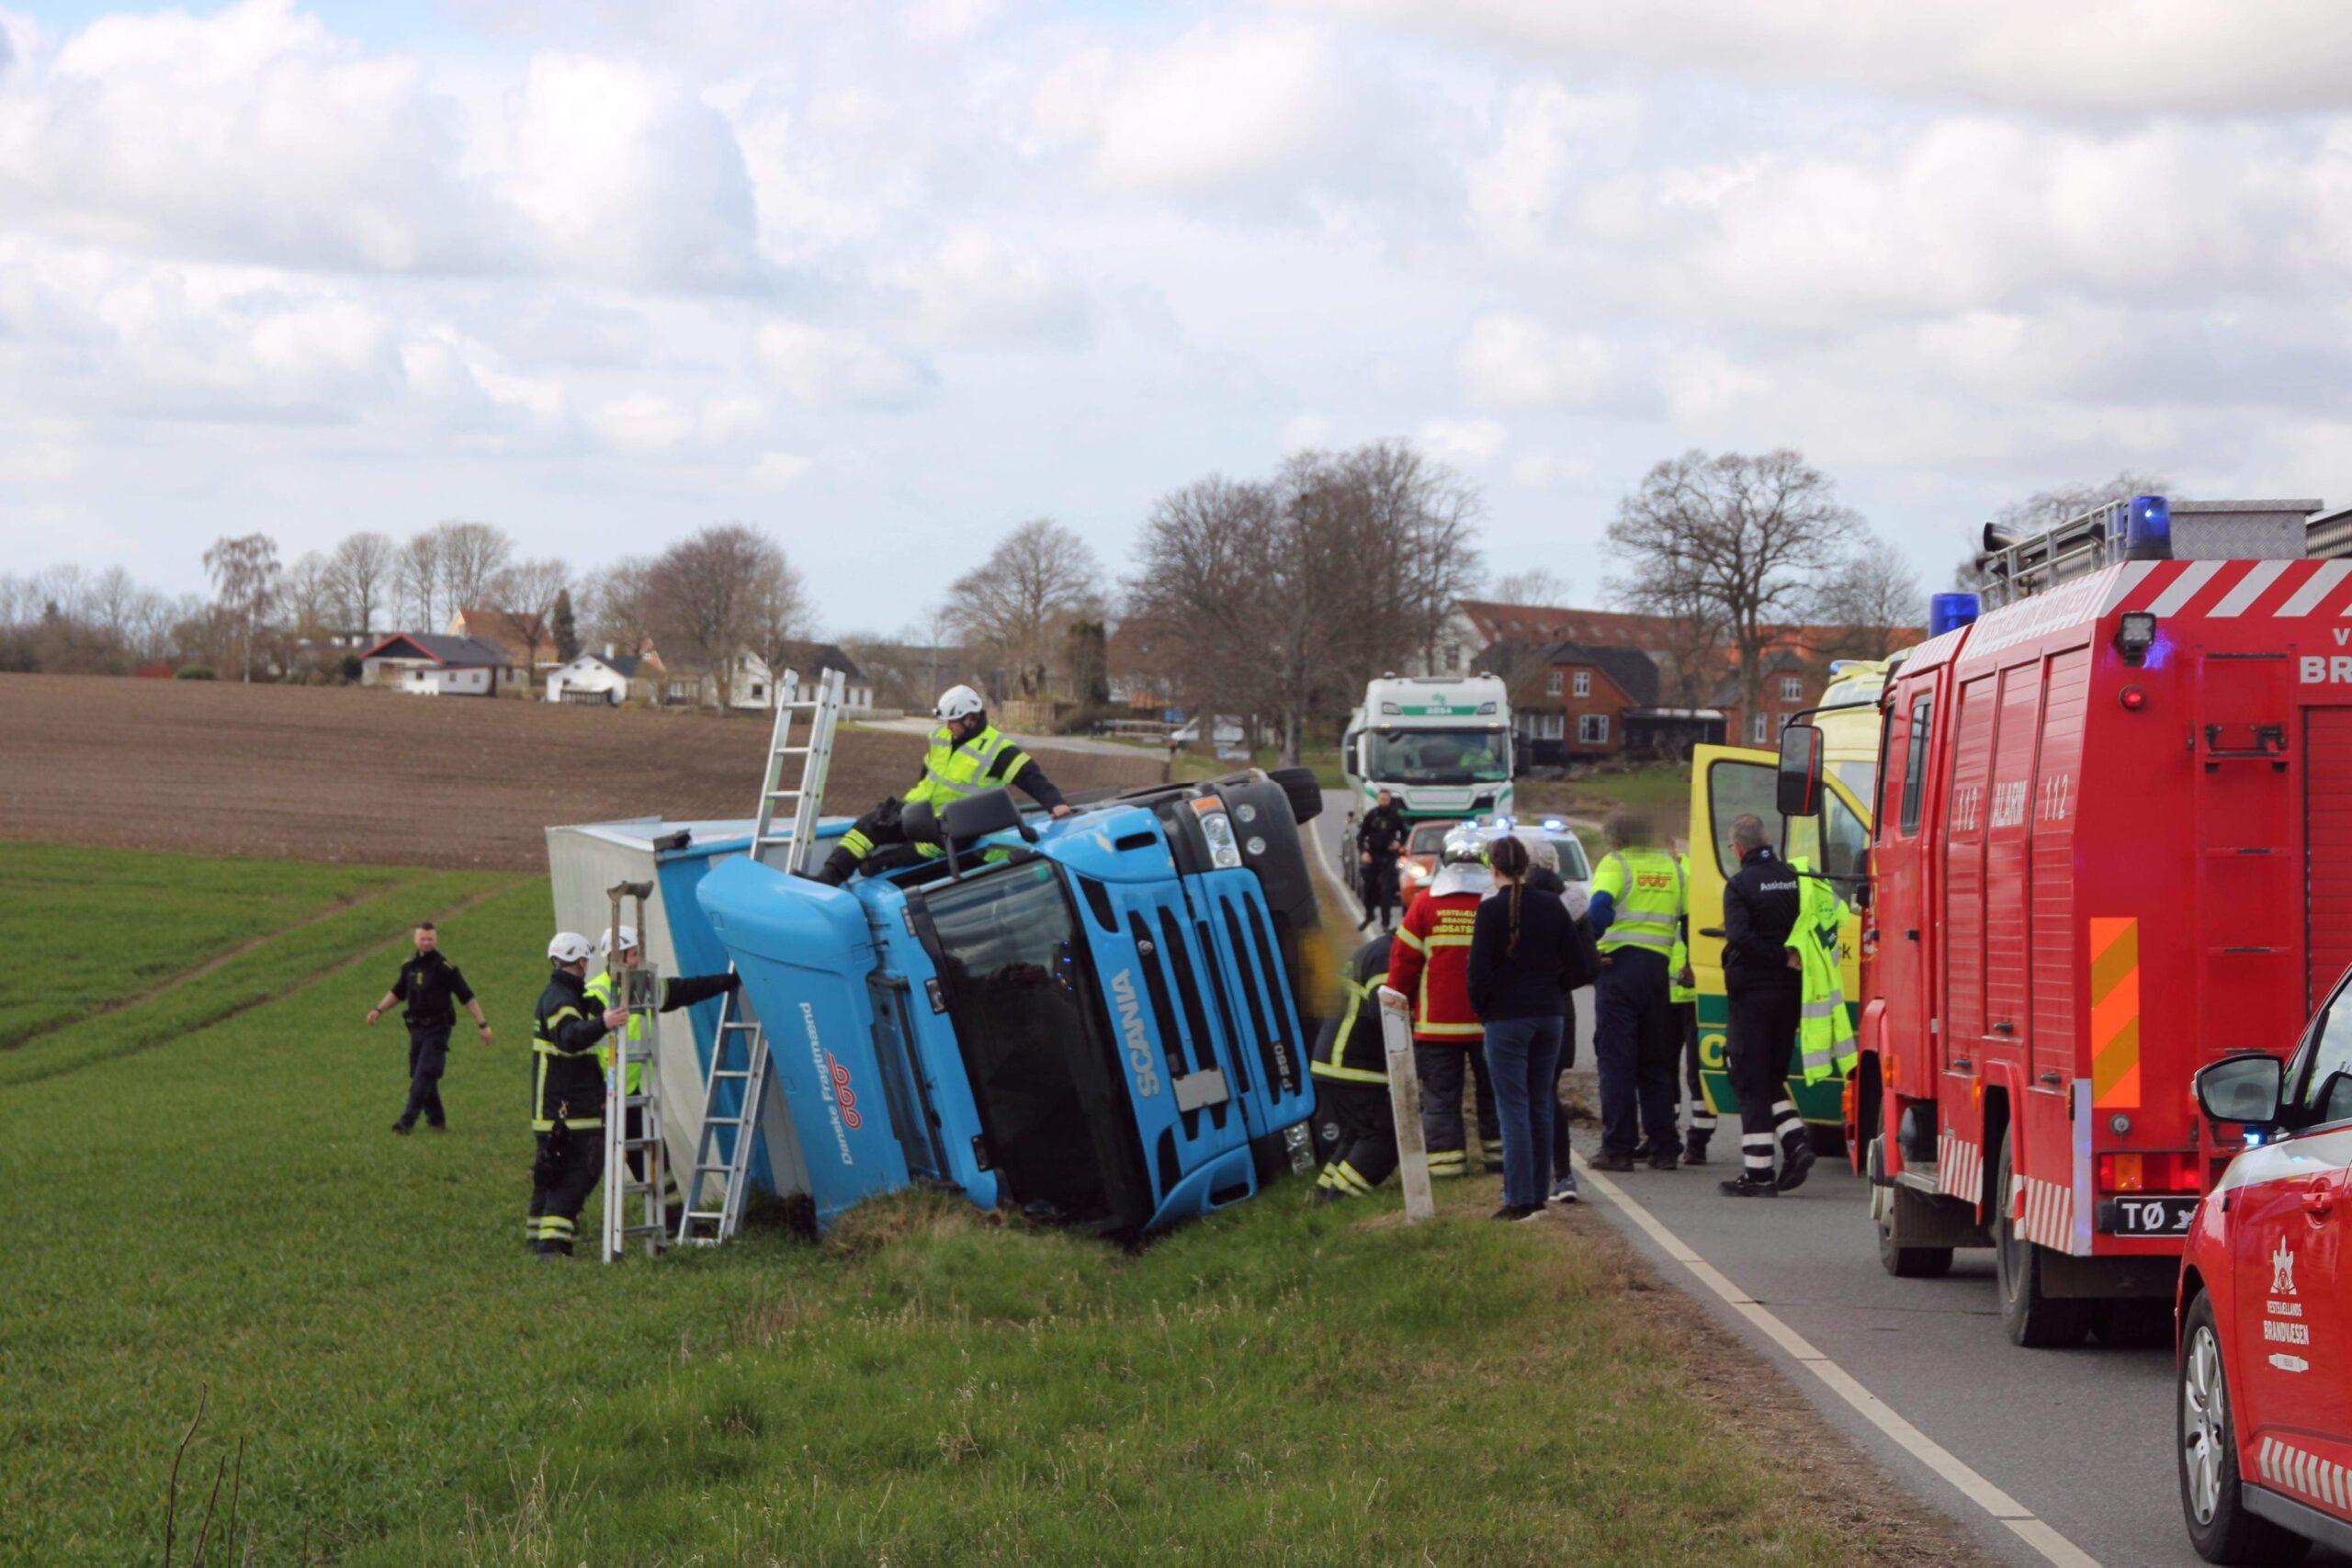 En fastklemt i lastbilulykke i Tølløse